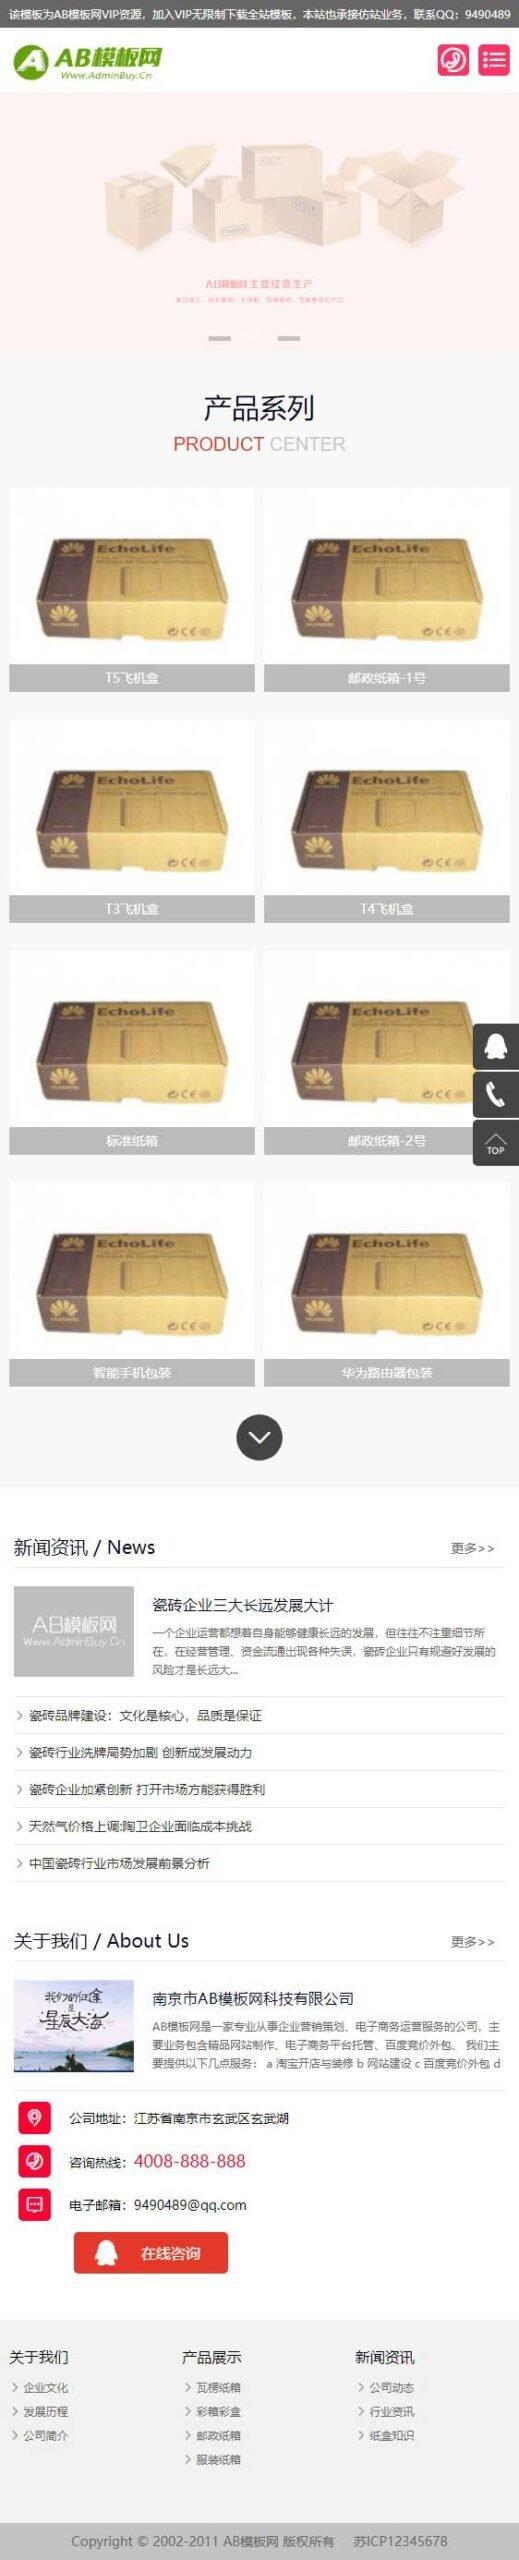 纸业纸箱包装企业网站织梦dede模板源码[自适应手机版]插图1